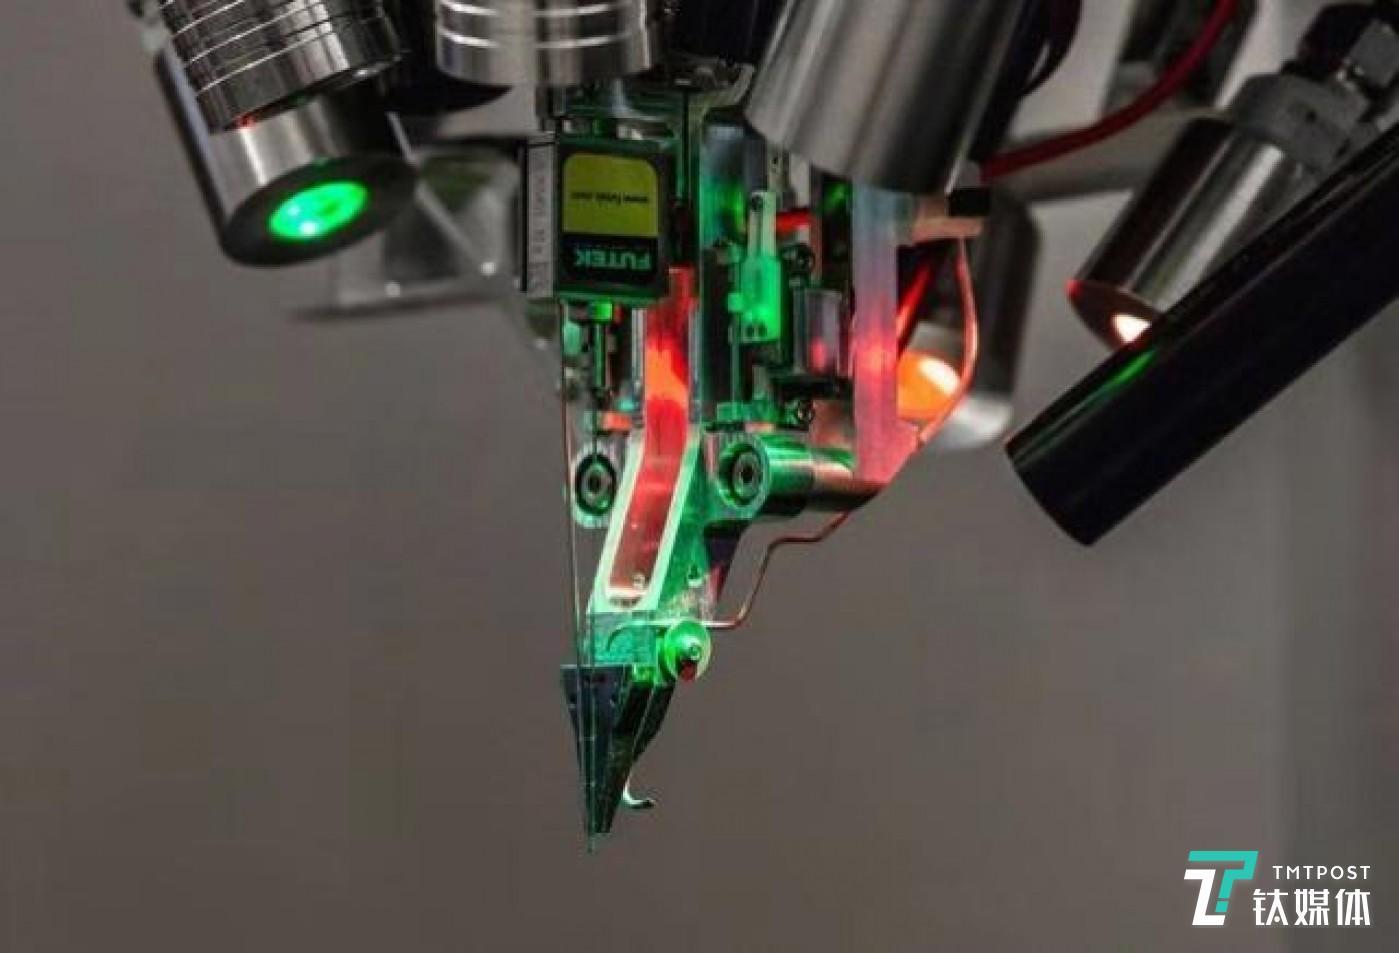 利用激光打孔对线路进行植入